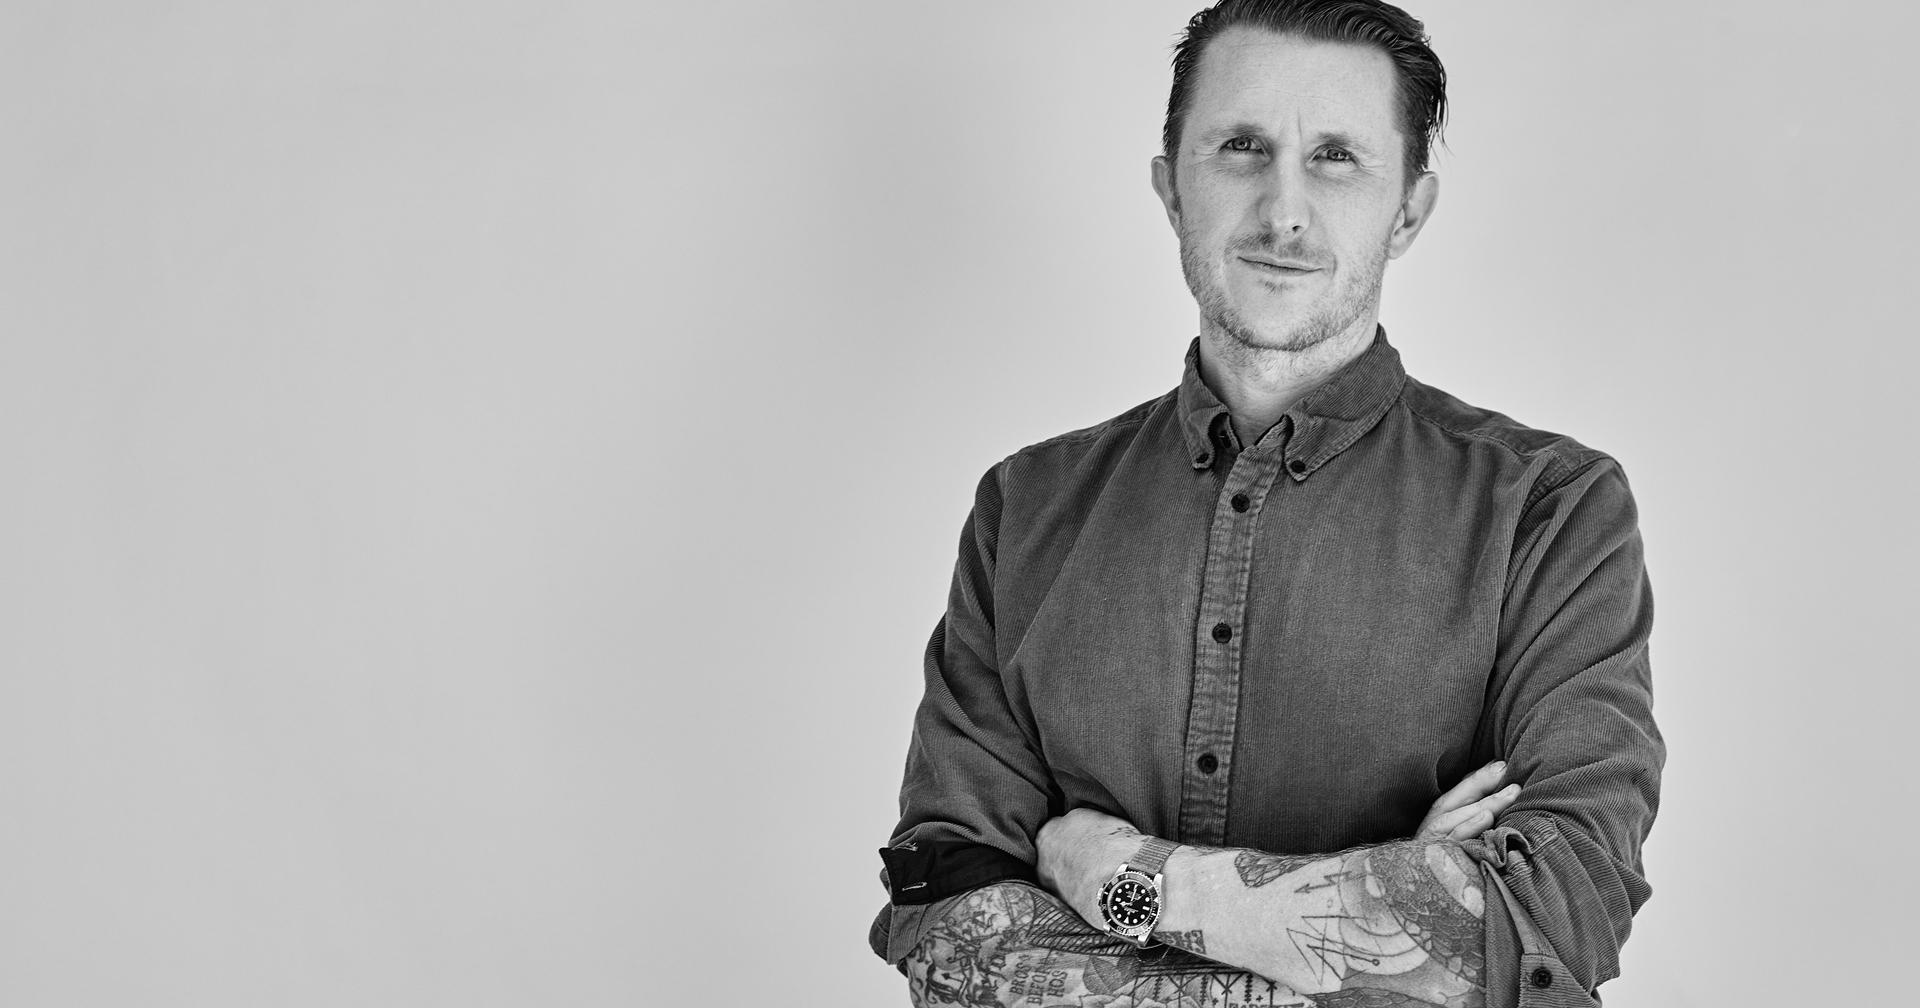 Famed tattoo artist Scott Campbell